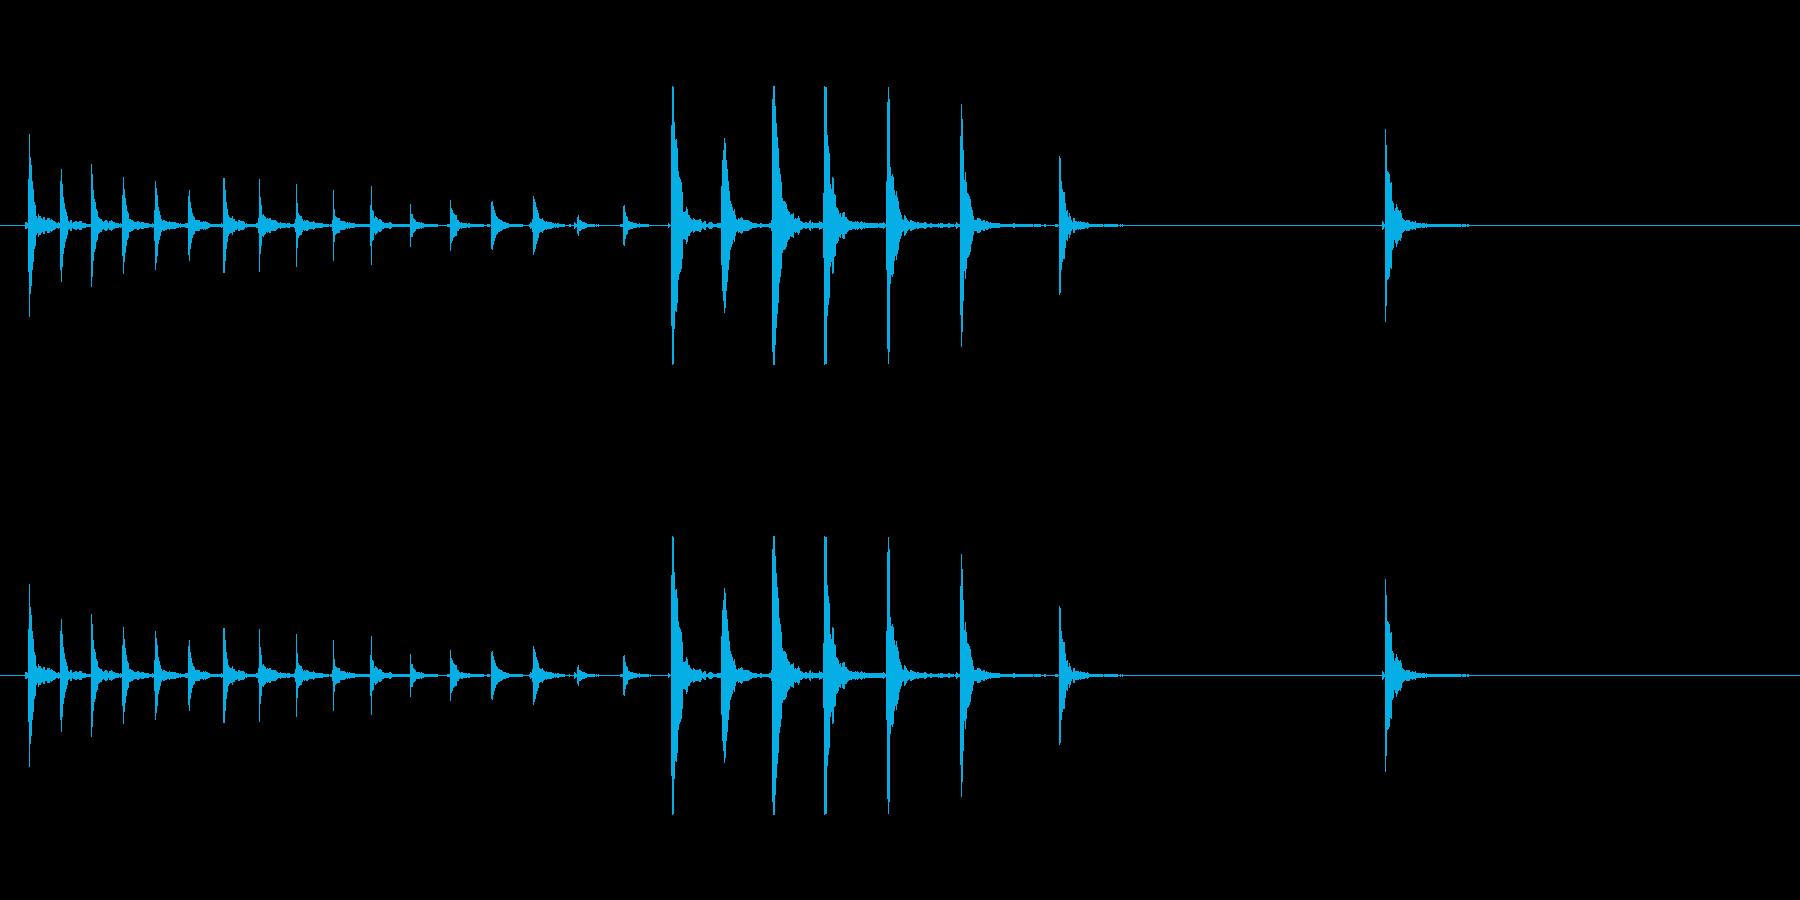 鼓4タタタタポポポポポン和風歌舞伎伝統能の再生済みの波形